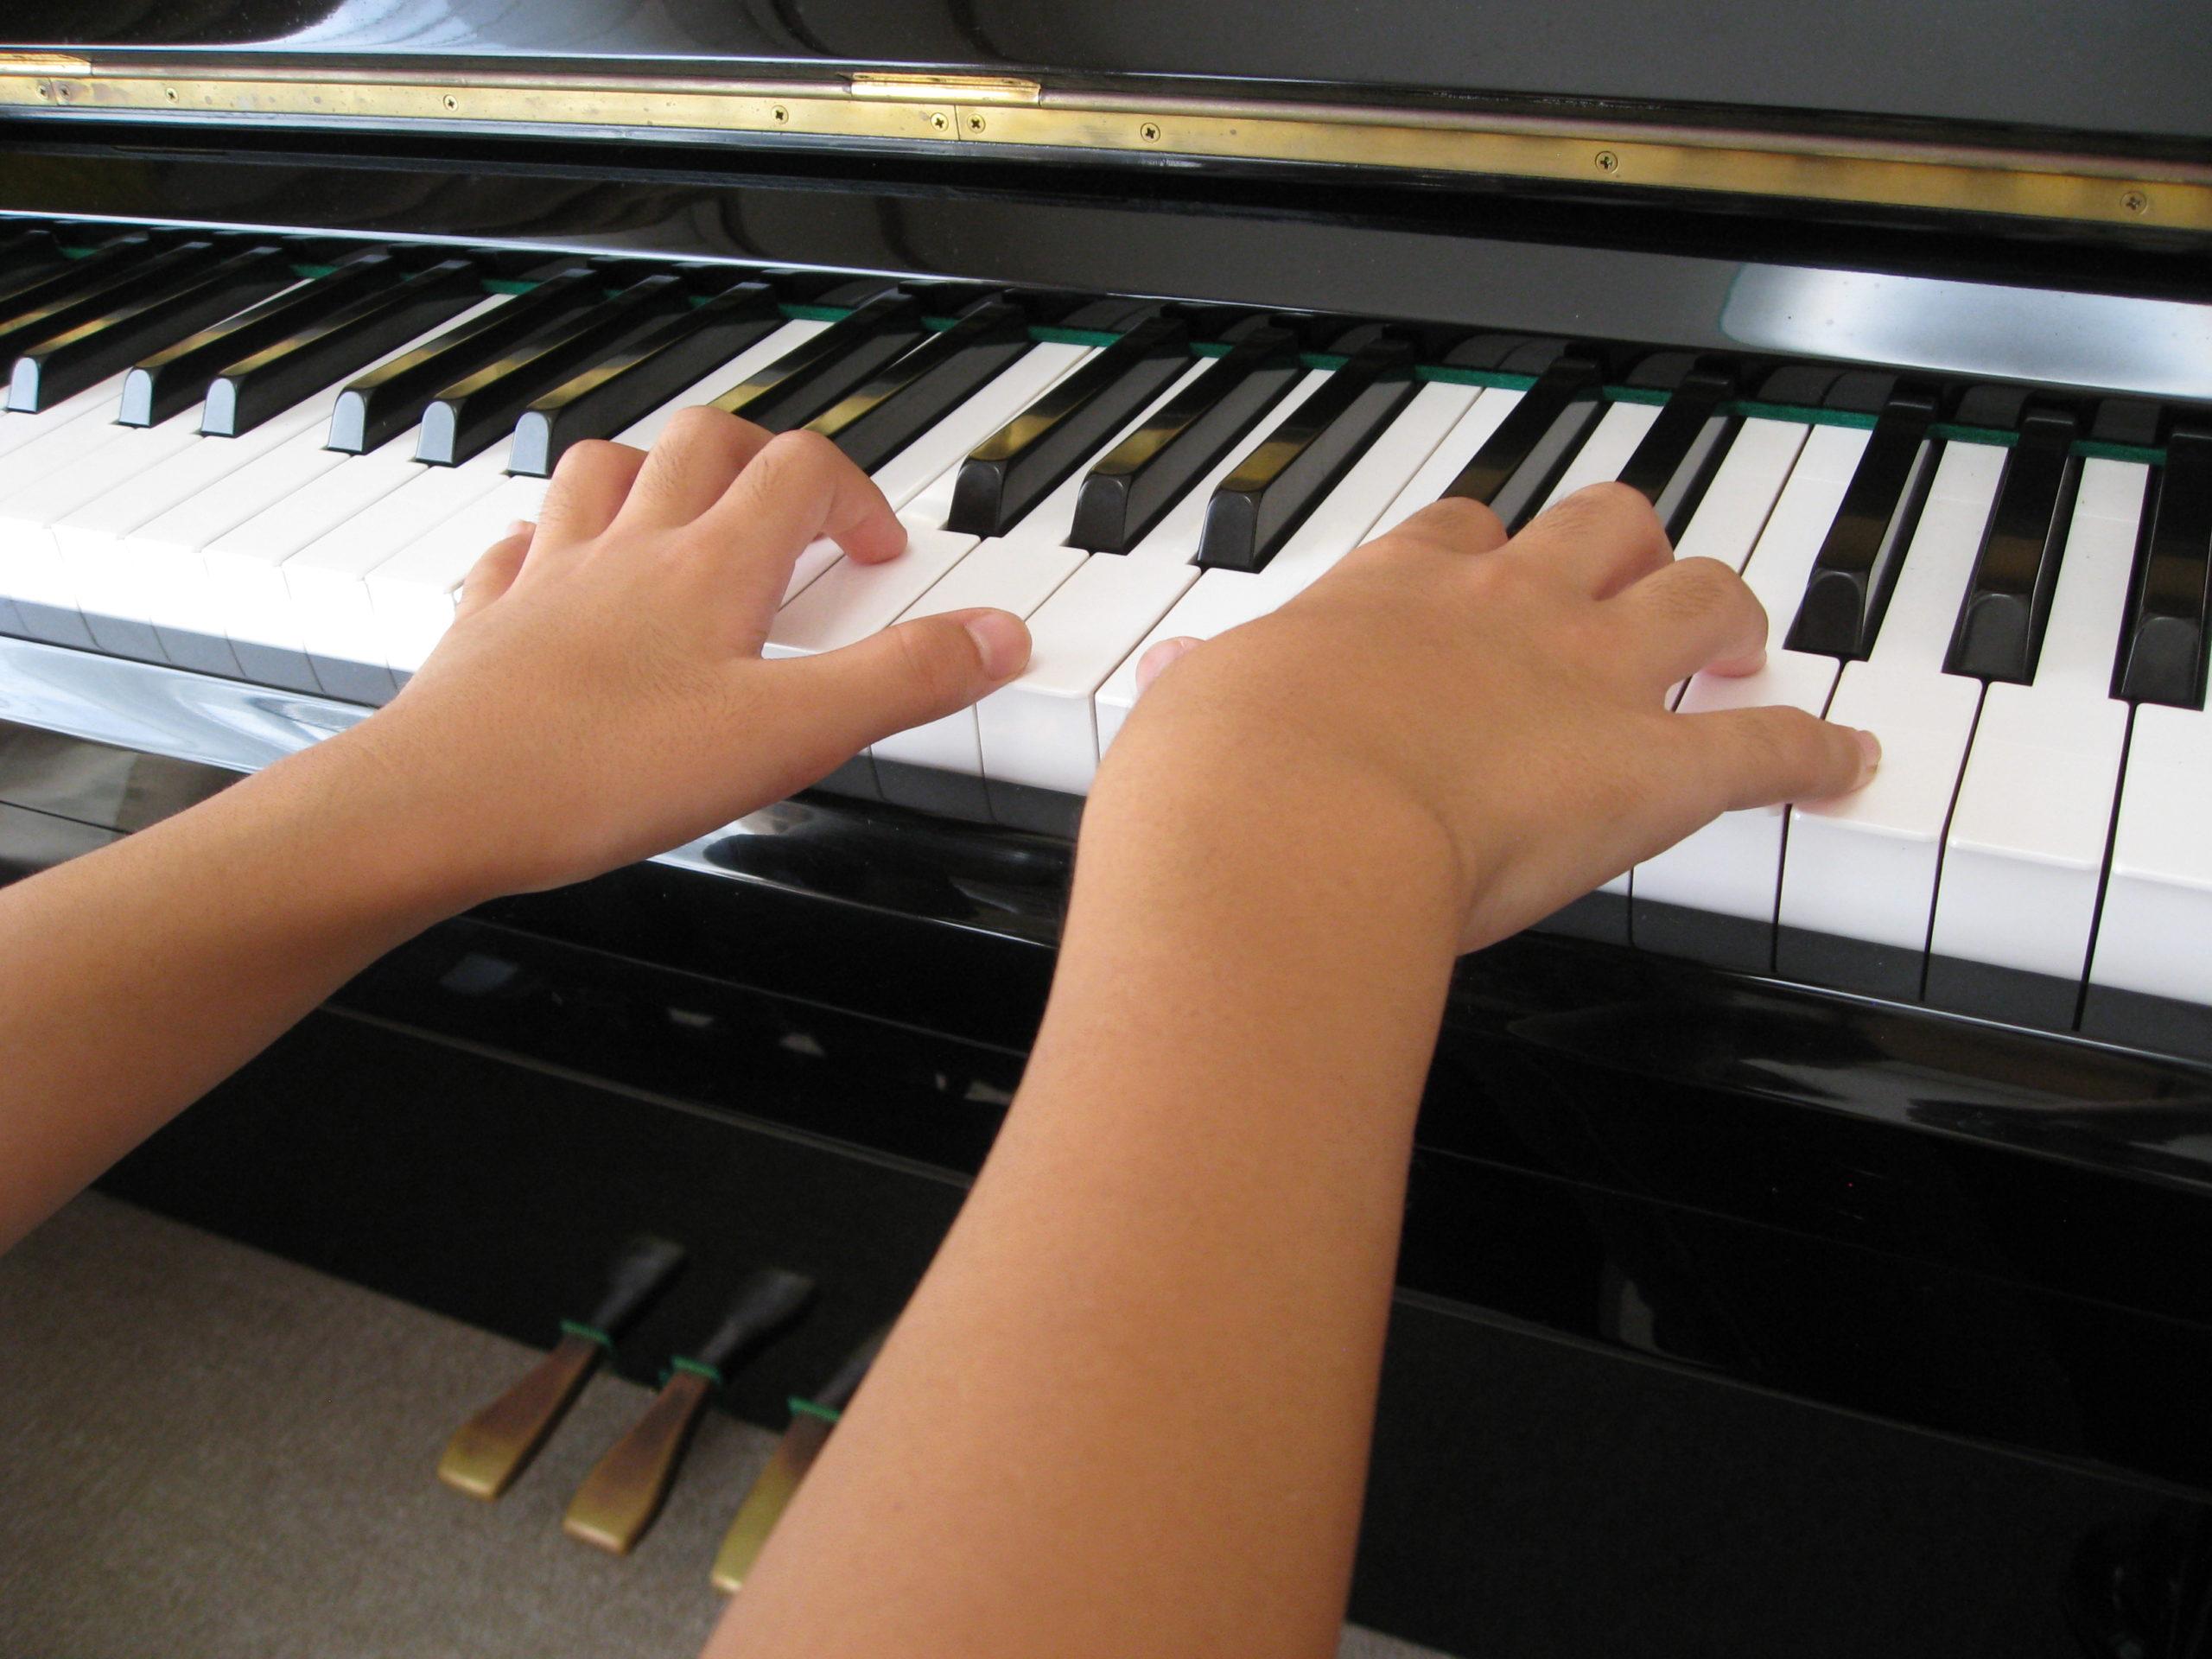 糟屋郡宇美町のピアノ調律・中古ピアノ販売・修理・移動・買取 | 古川ピアノ